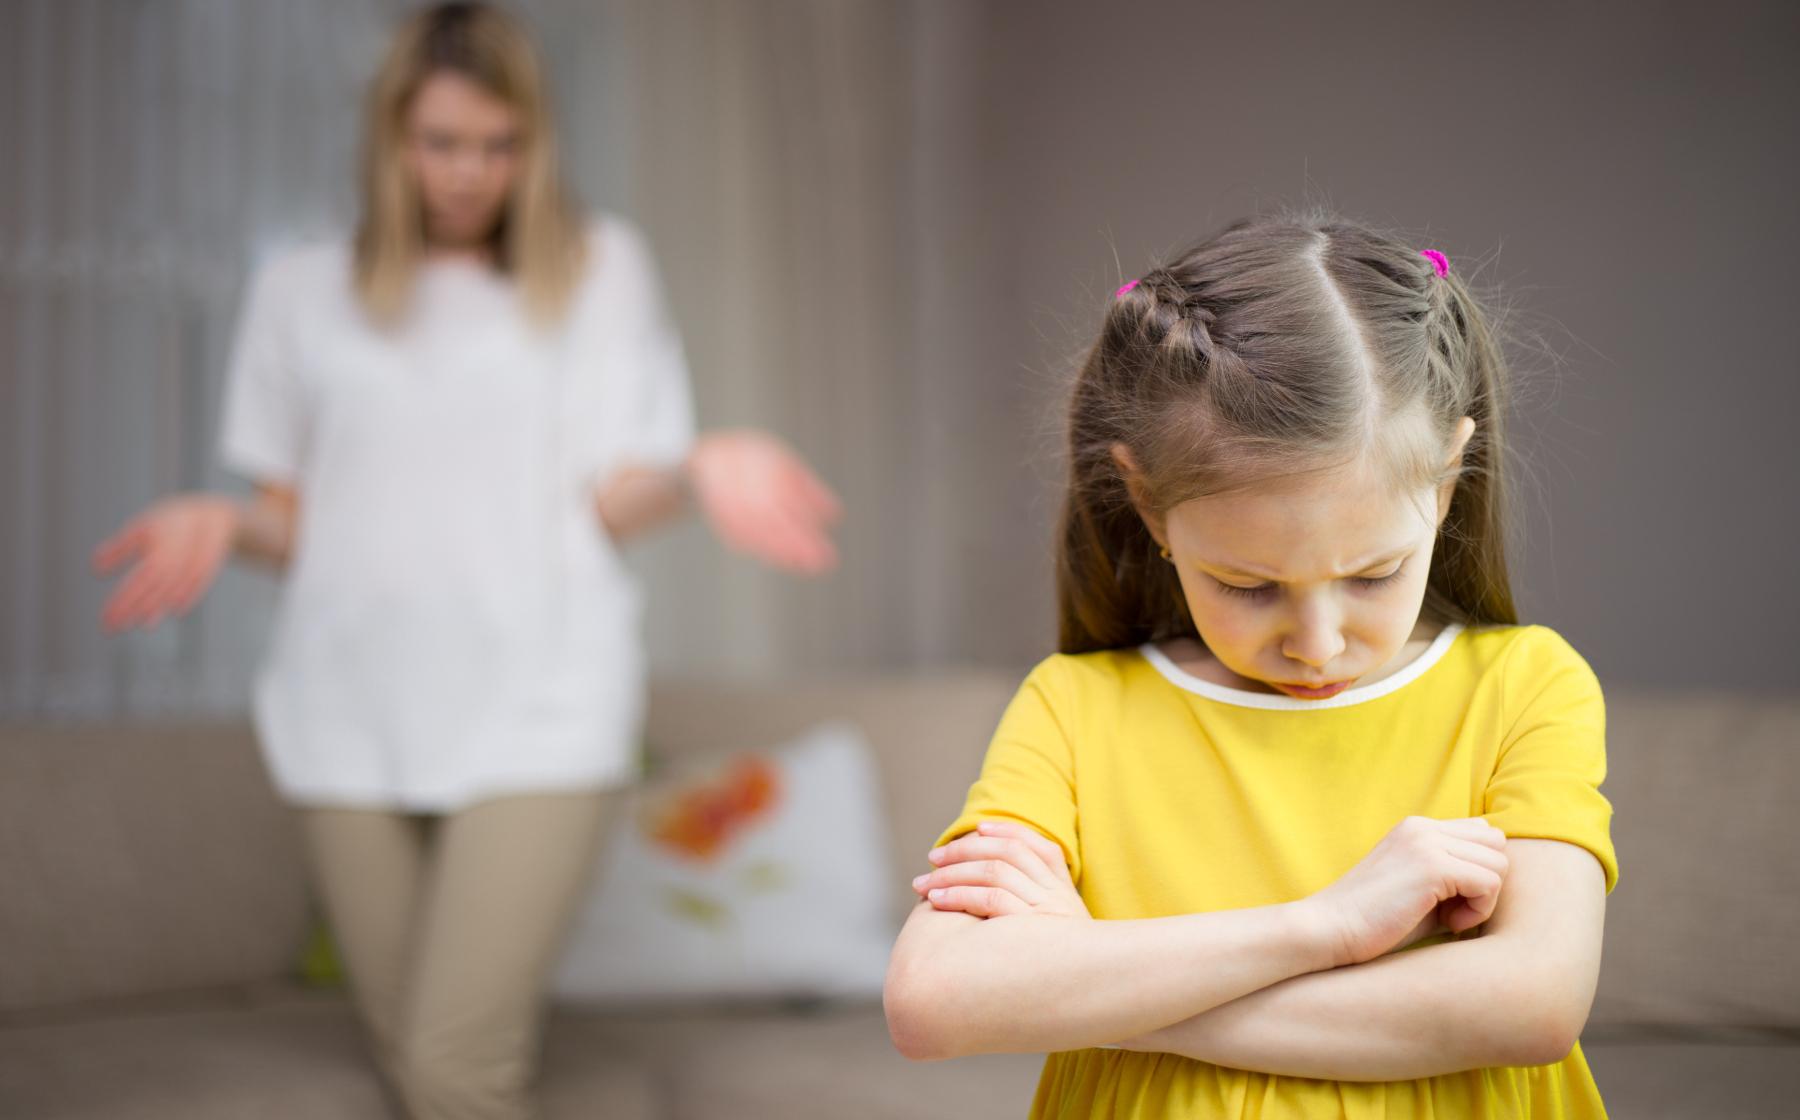 הדרכה הורית – איך זה עובד?